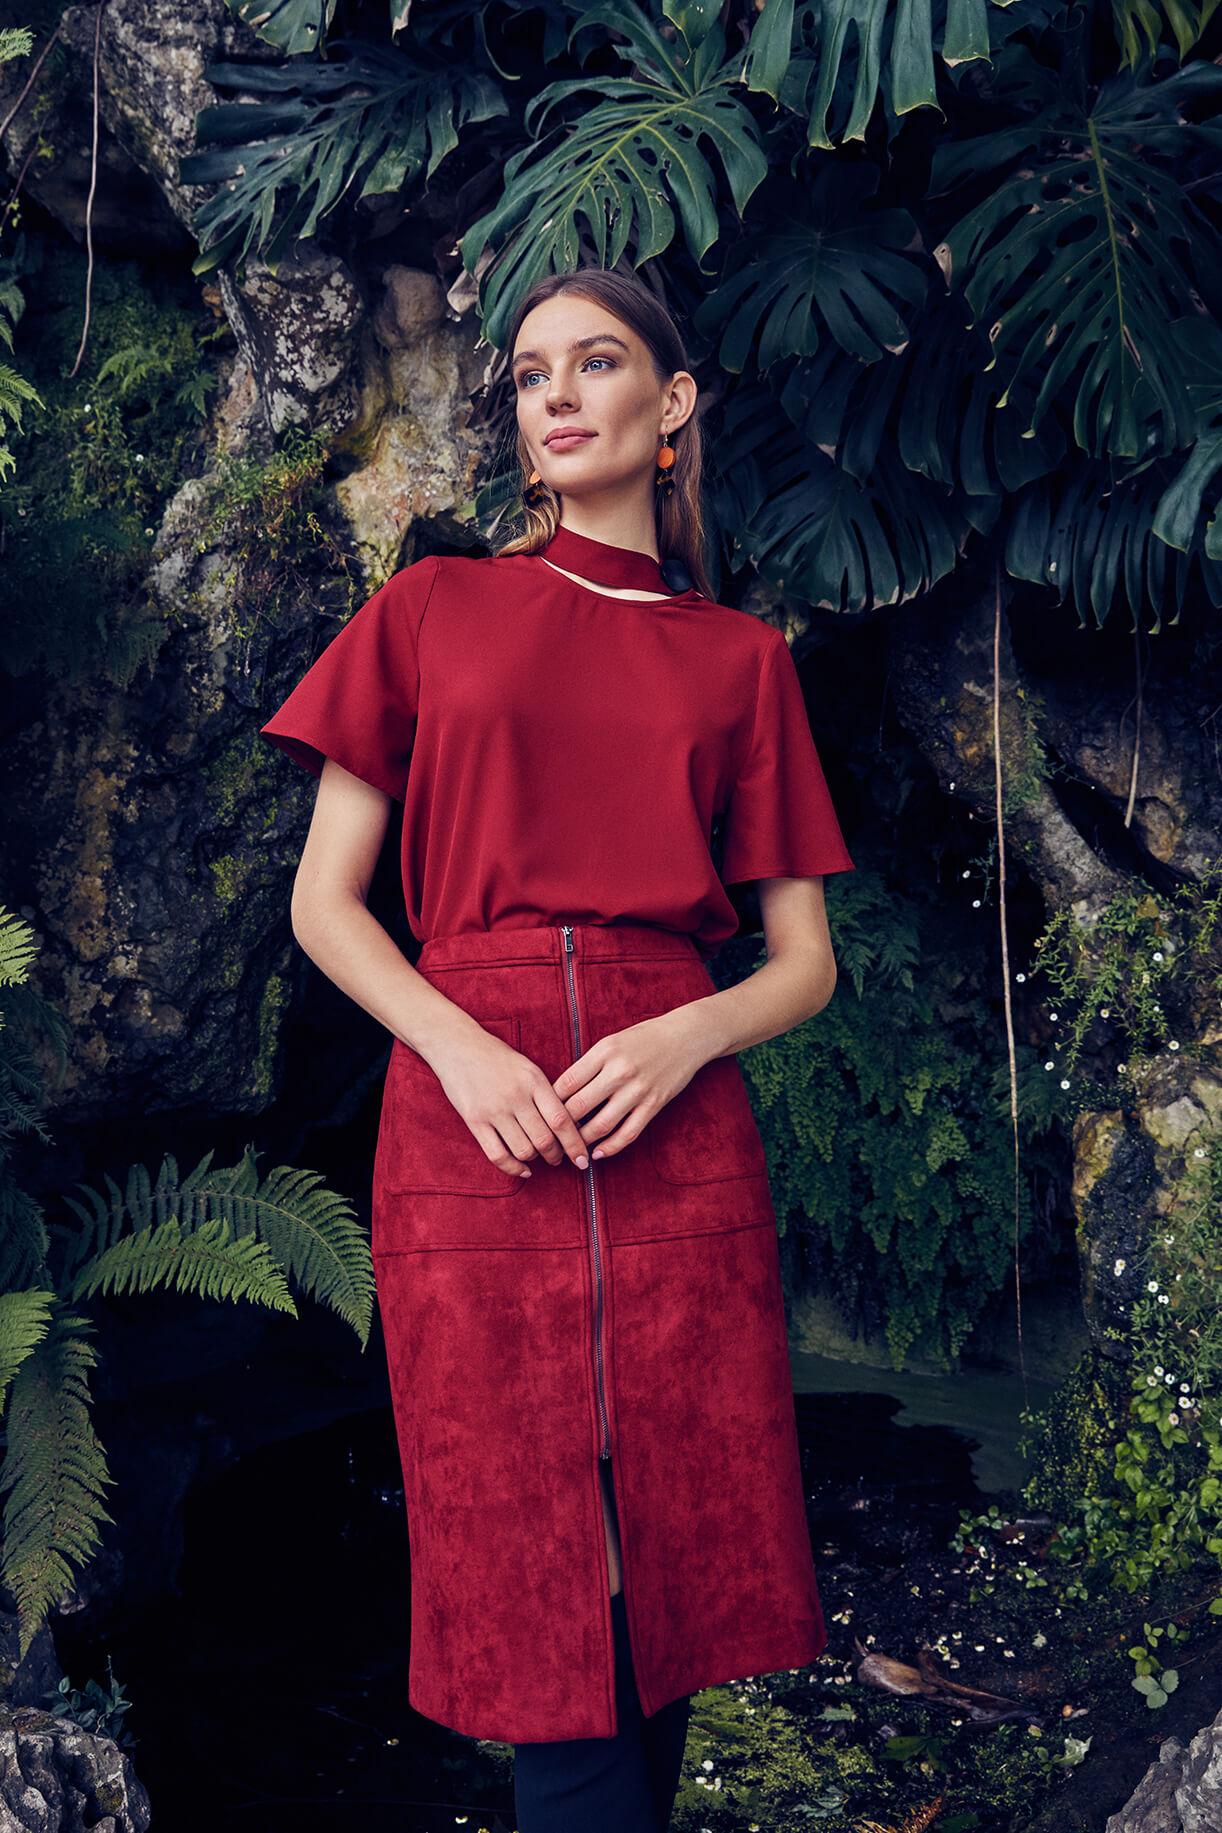 Модель в красной блузке и красной юбке на фоне тропического леса